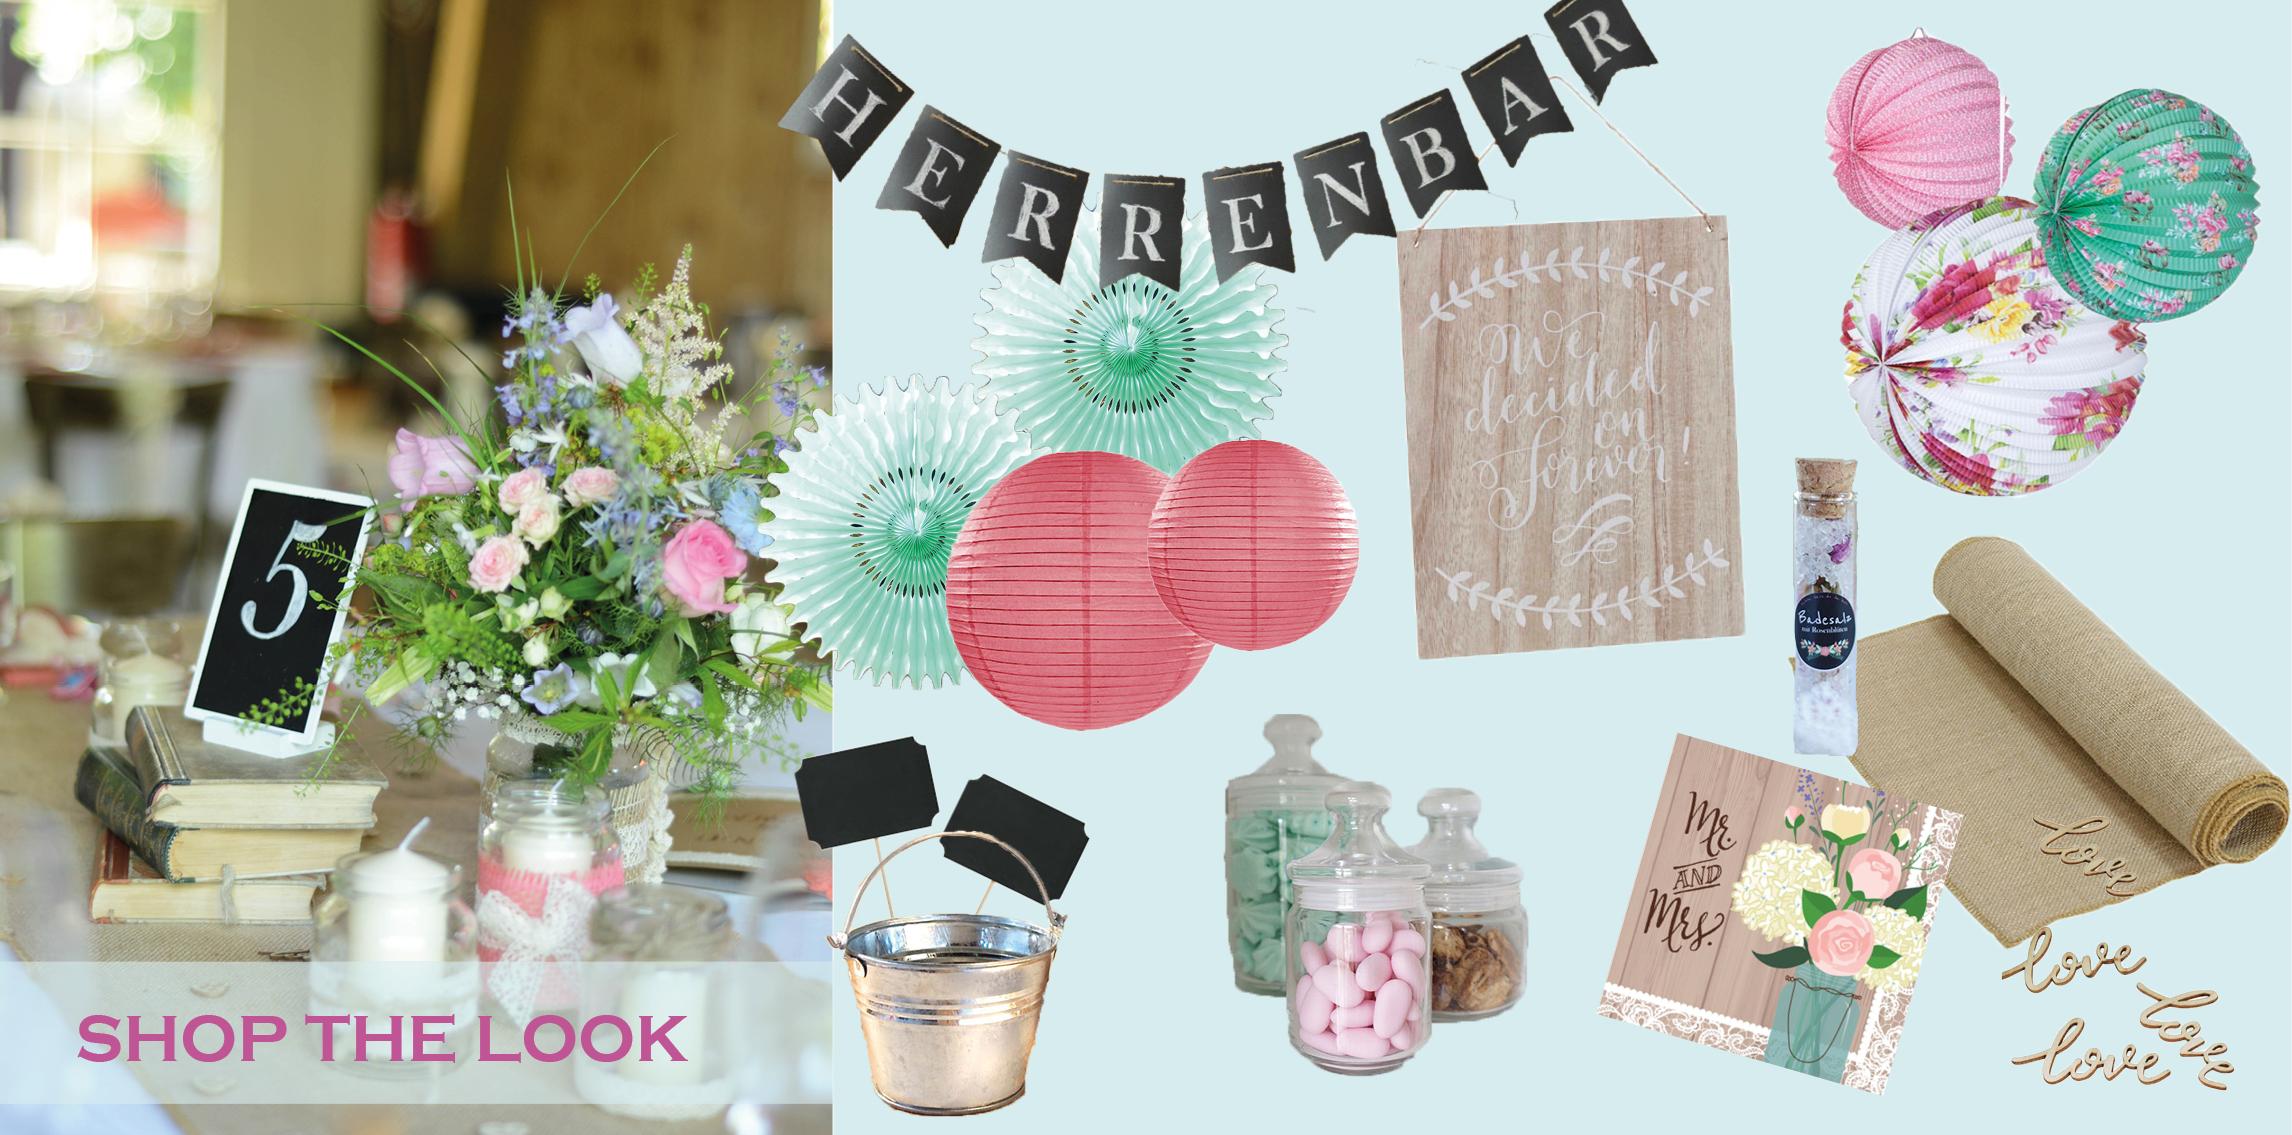 Shop the Look DIY Hochzeit K&M Scheunenhochzeit